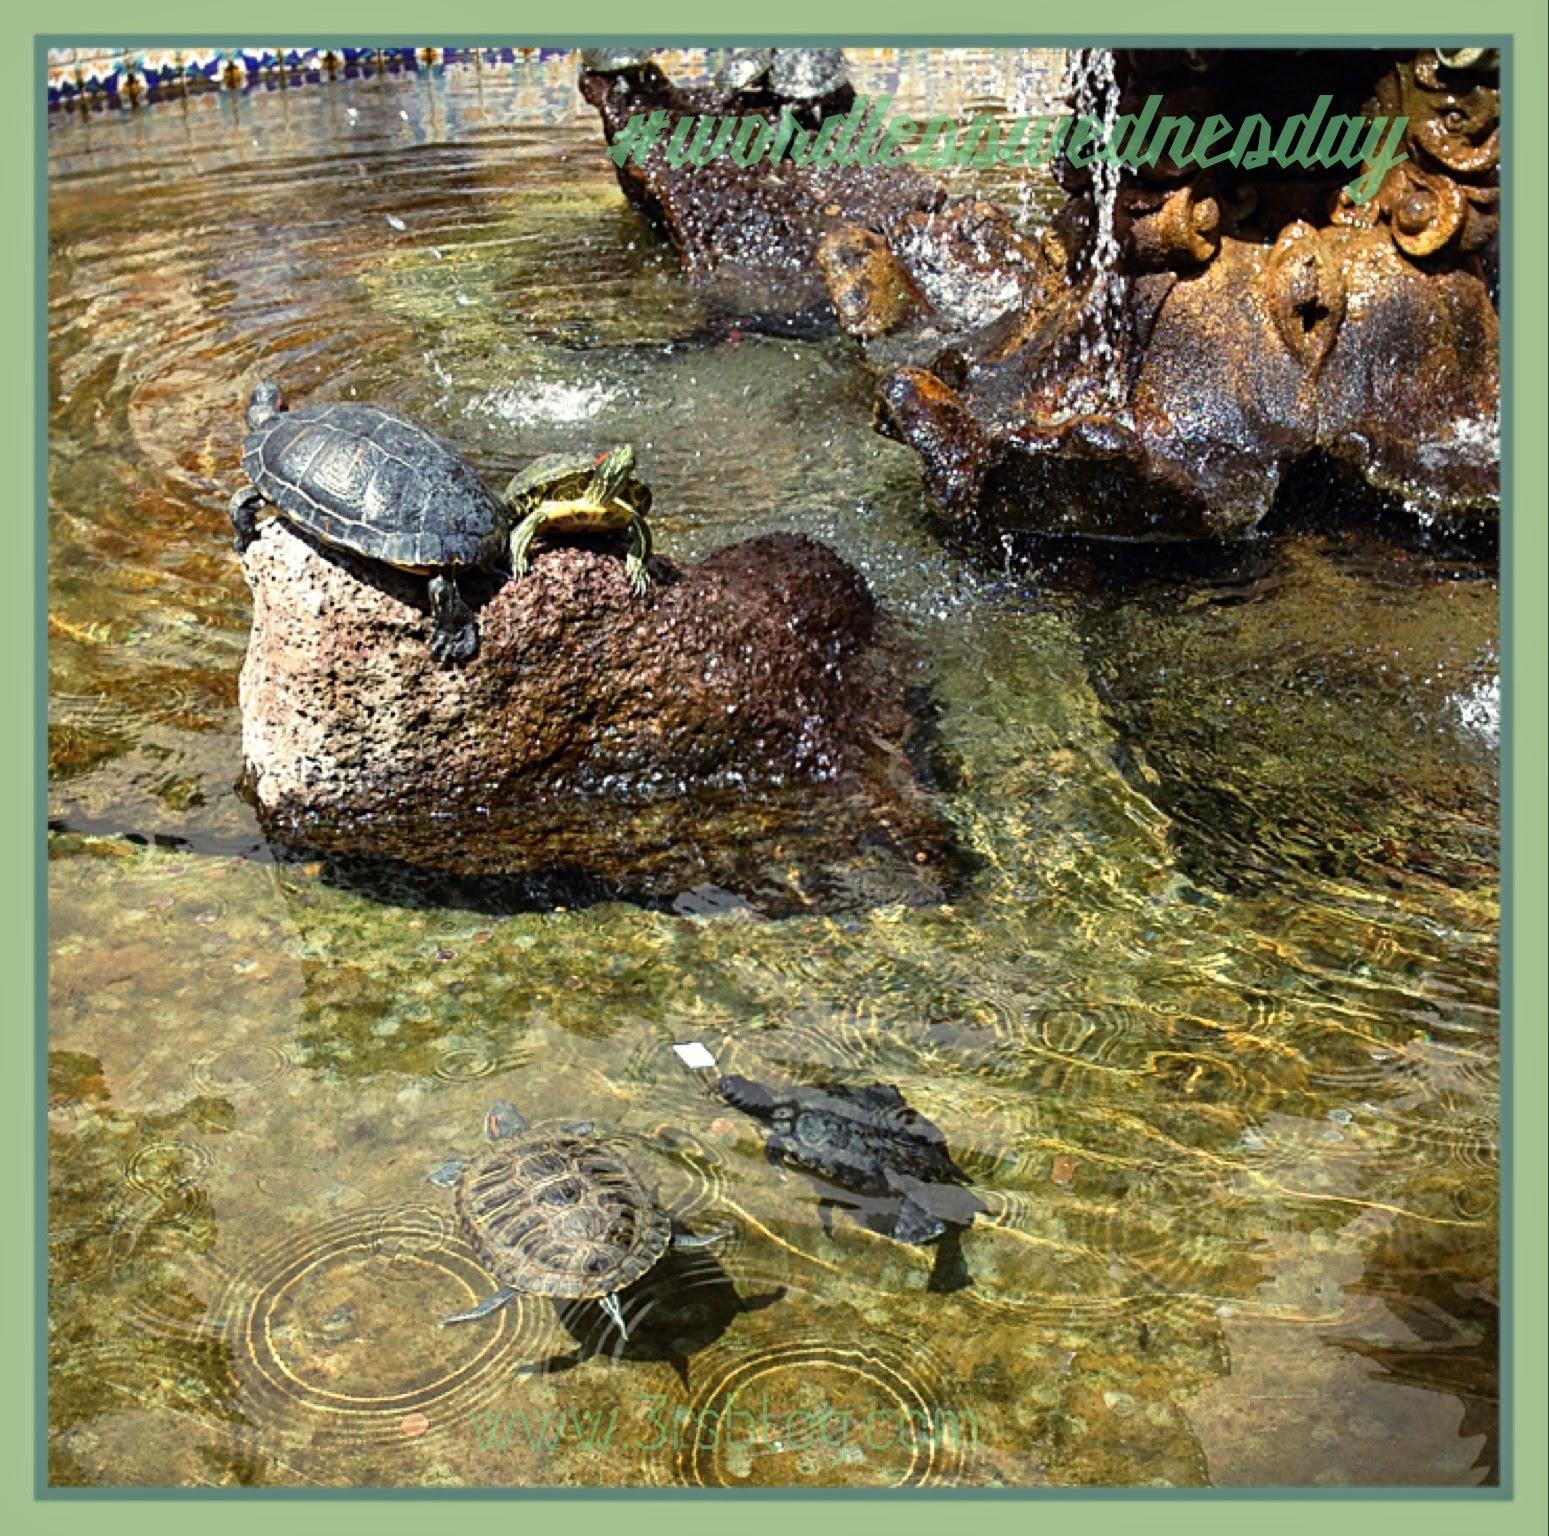 Turtles at La Arcada, Santa Barbara CA, March 2014